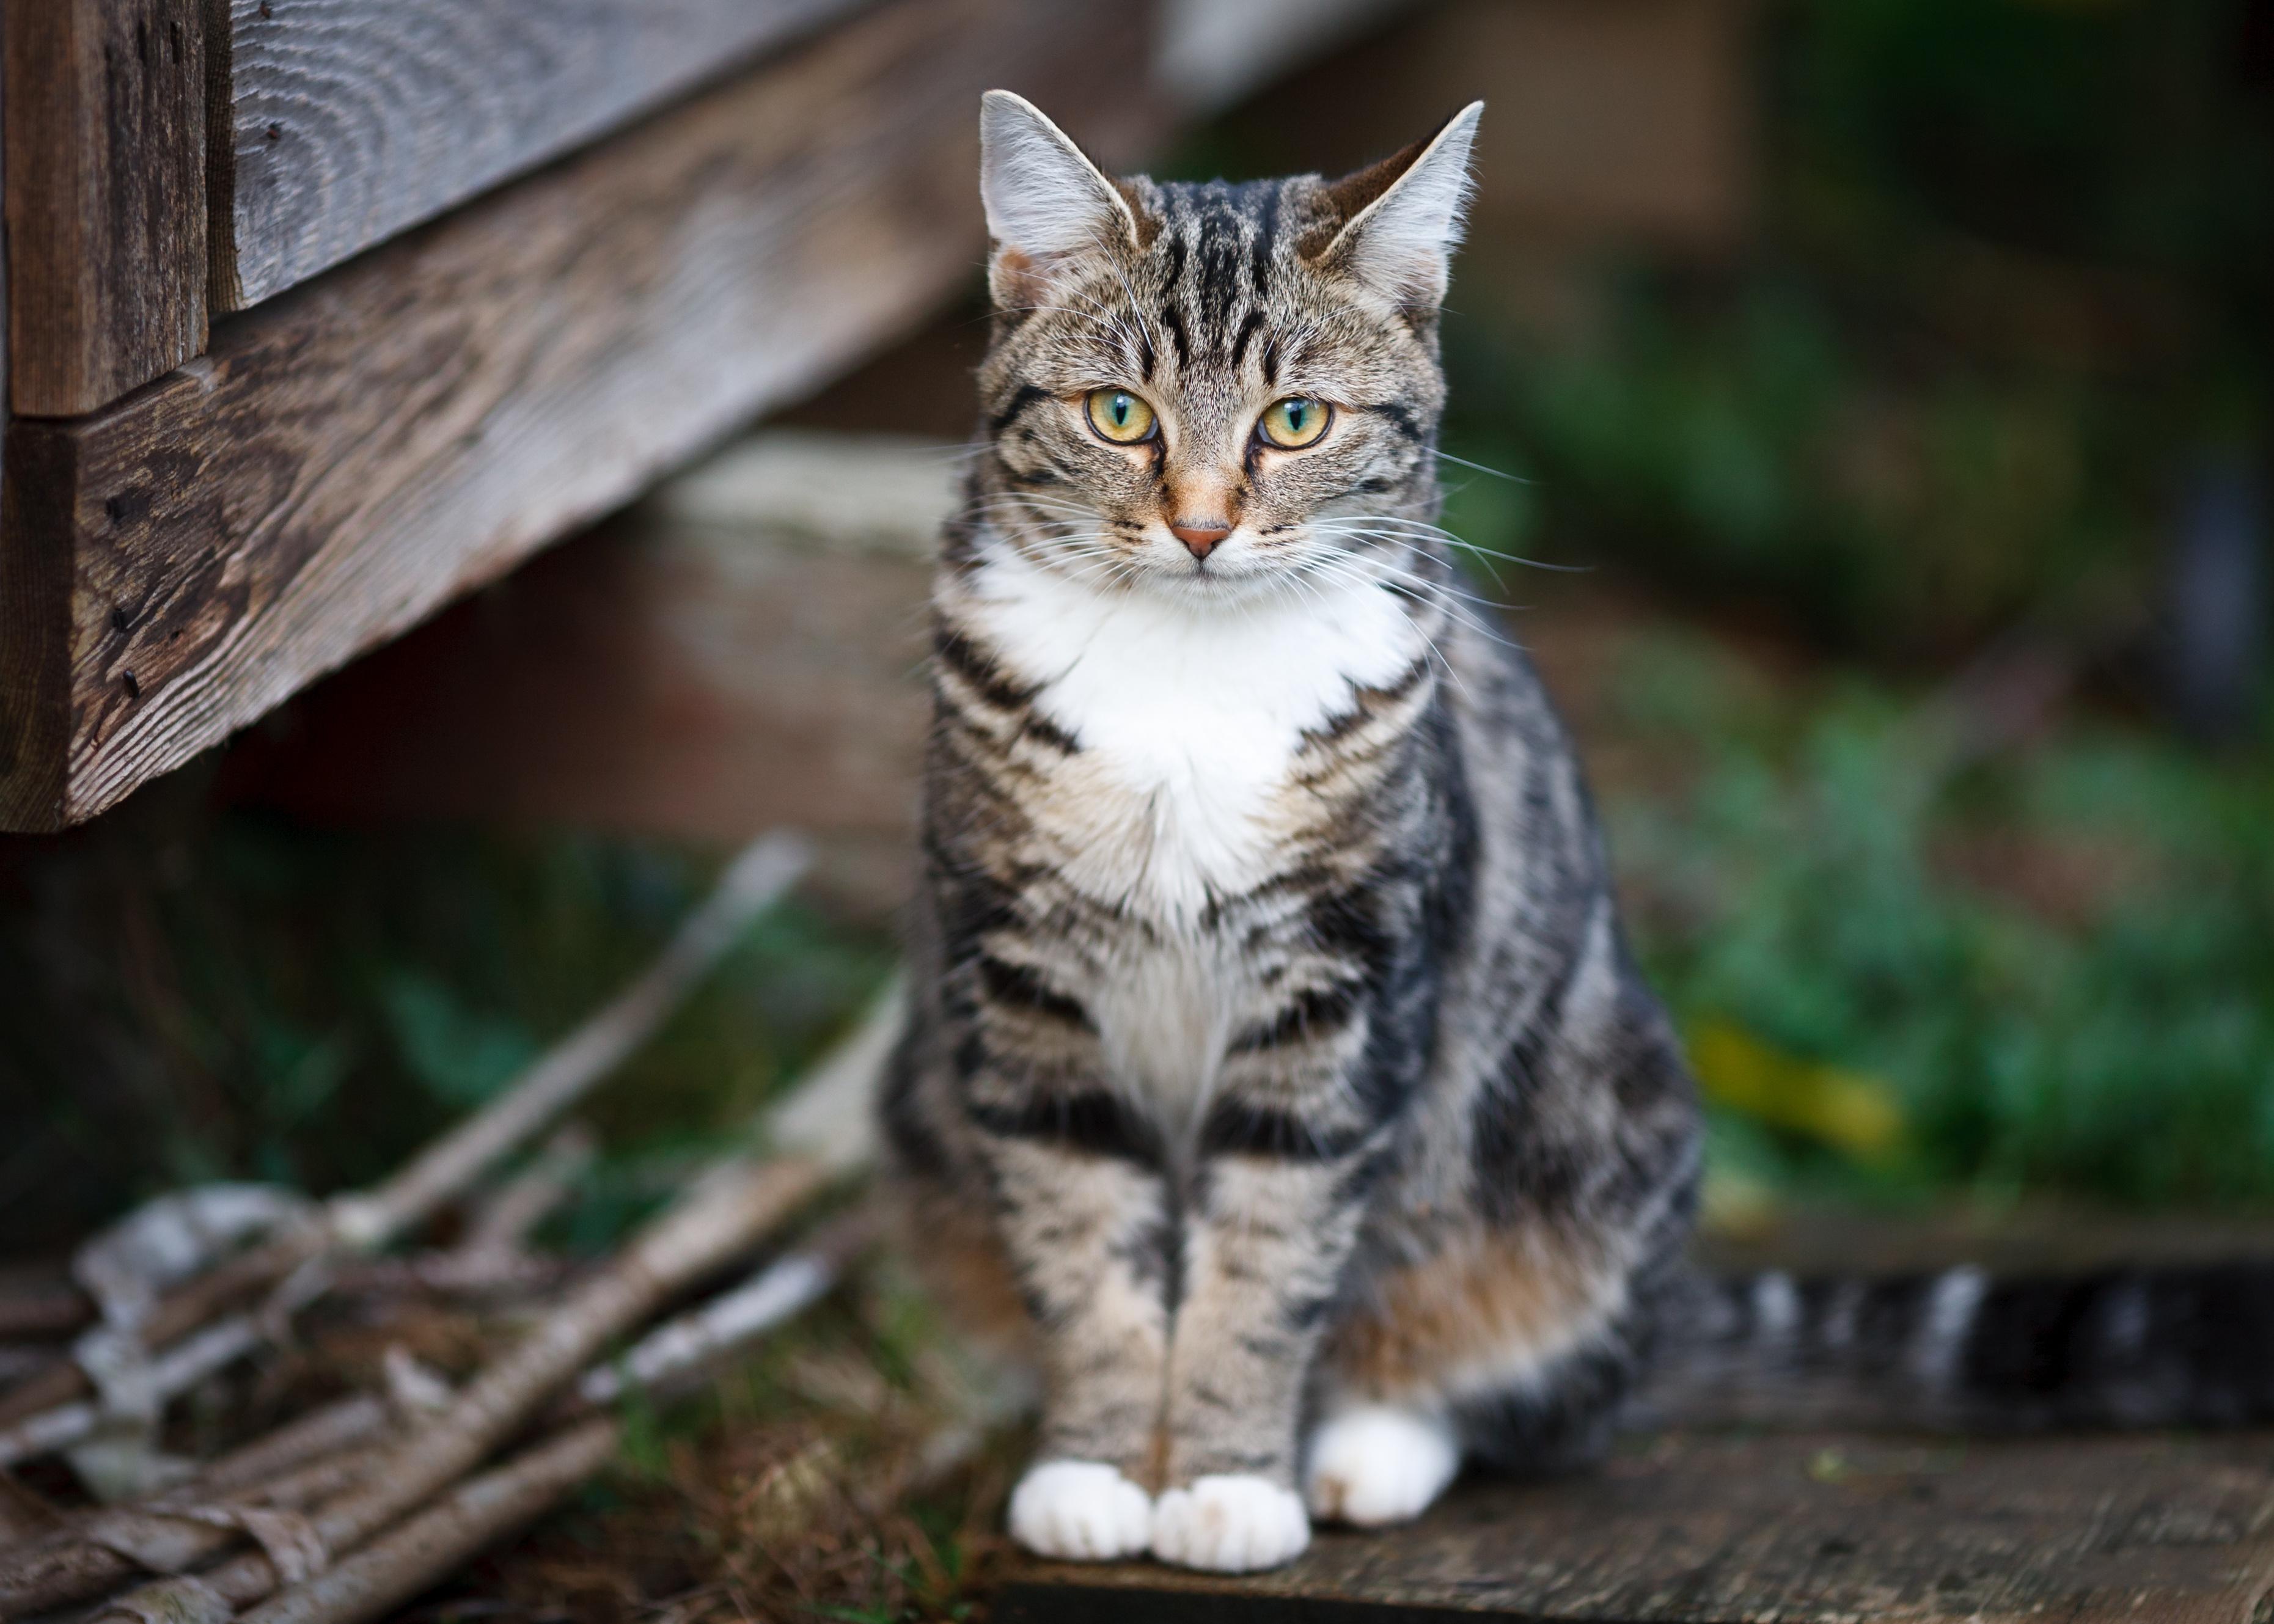 Cat Pet 3721x2658